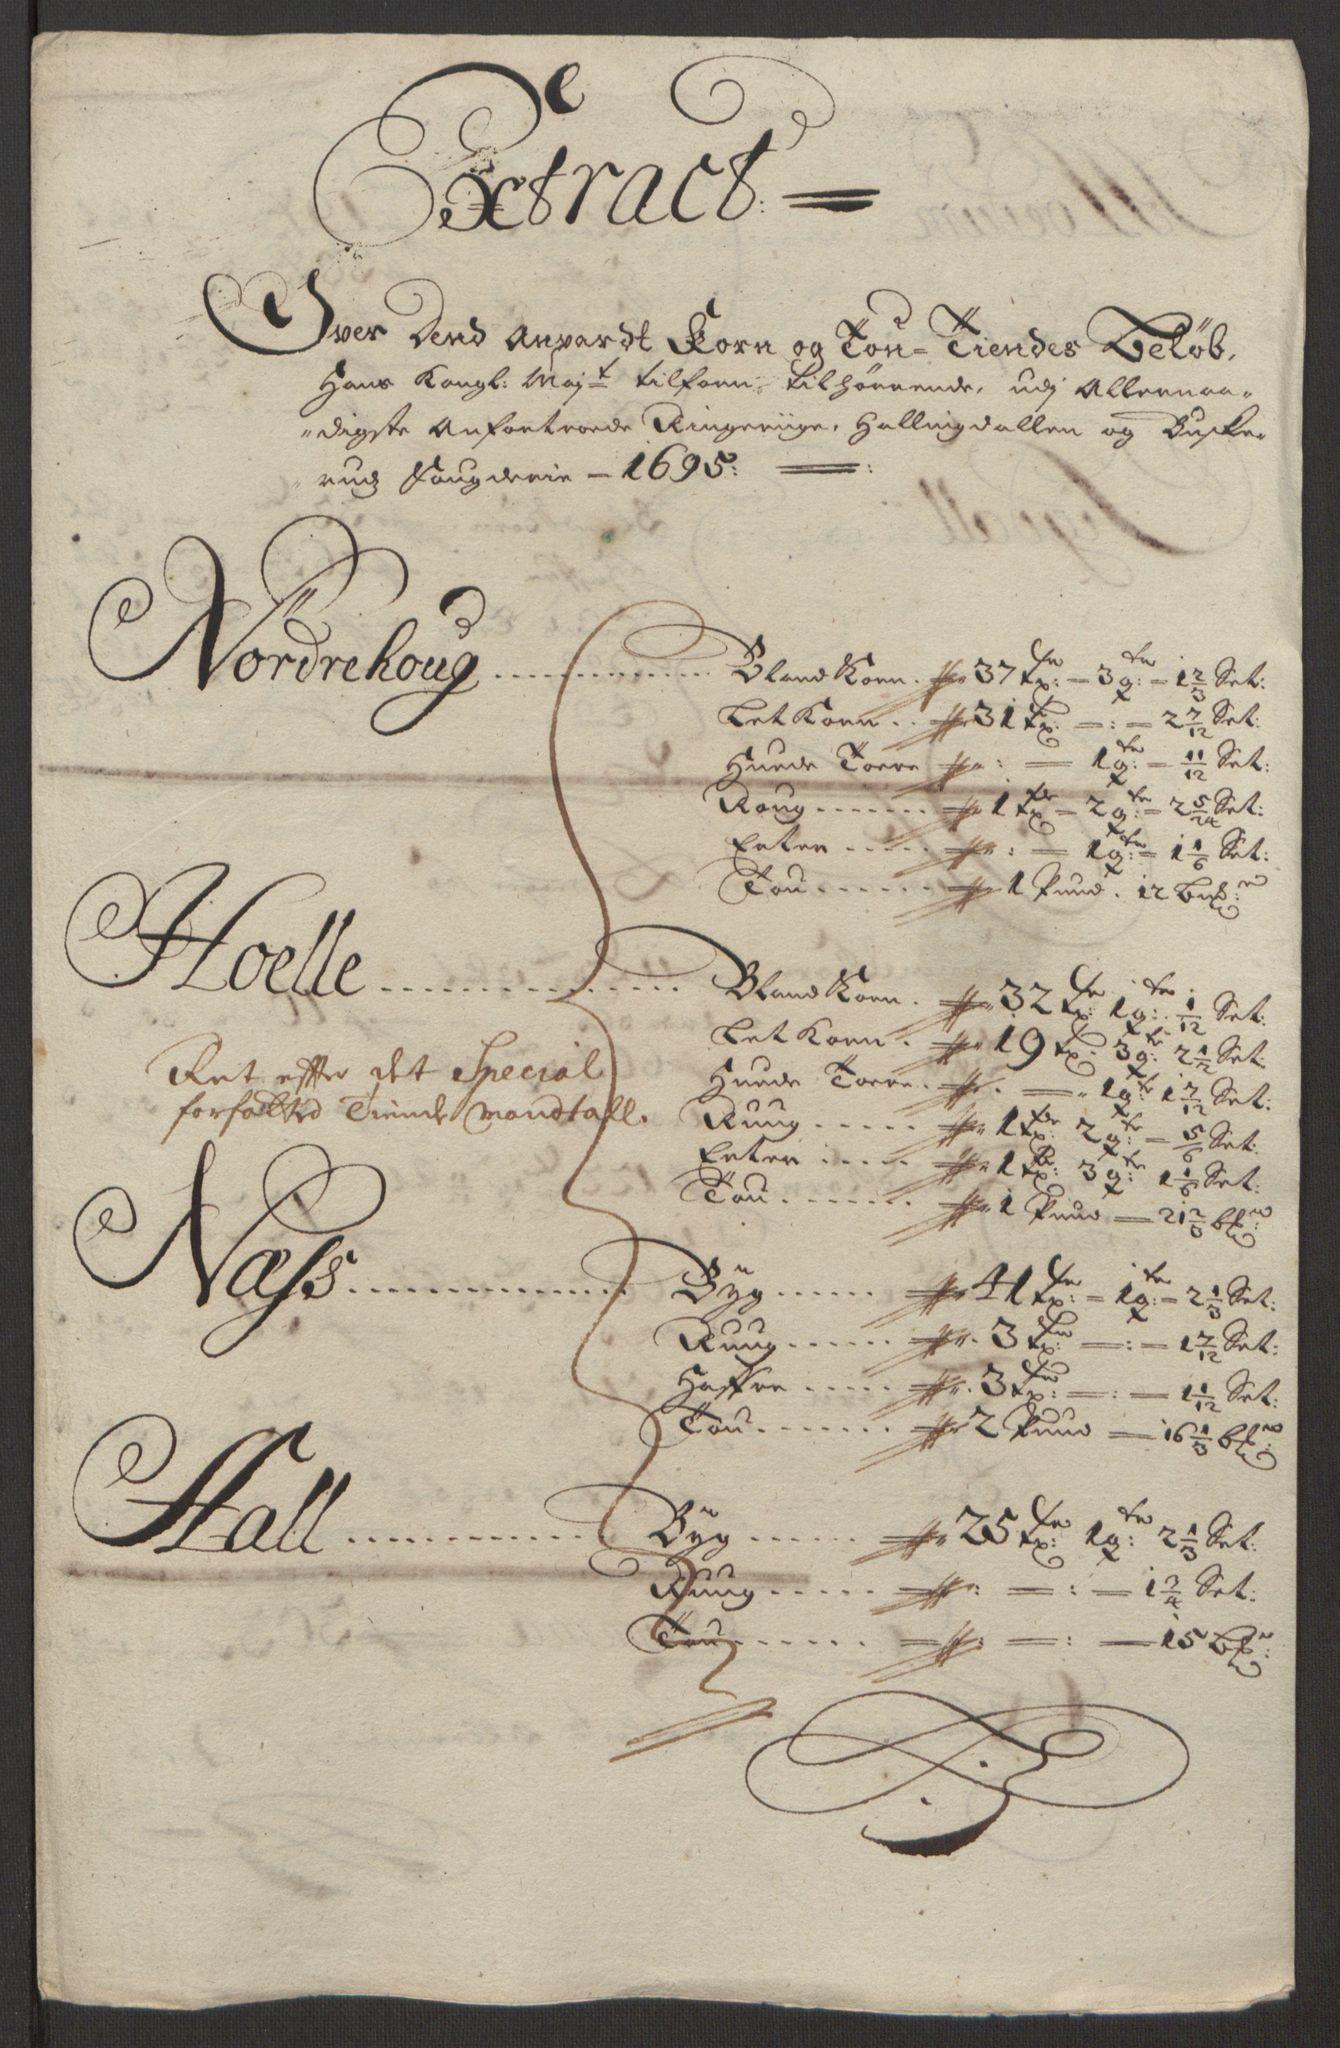 RA, Rentekammeret inntil 1814, Reviderte regnskaper, Fogderegnskap, R22/L1452: Fogderegnskap Ringerike, Hallingdal og Buskerud, 1695, s. 290